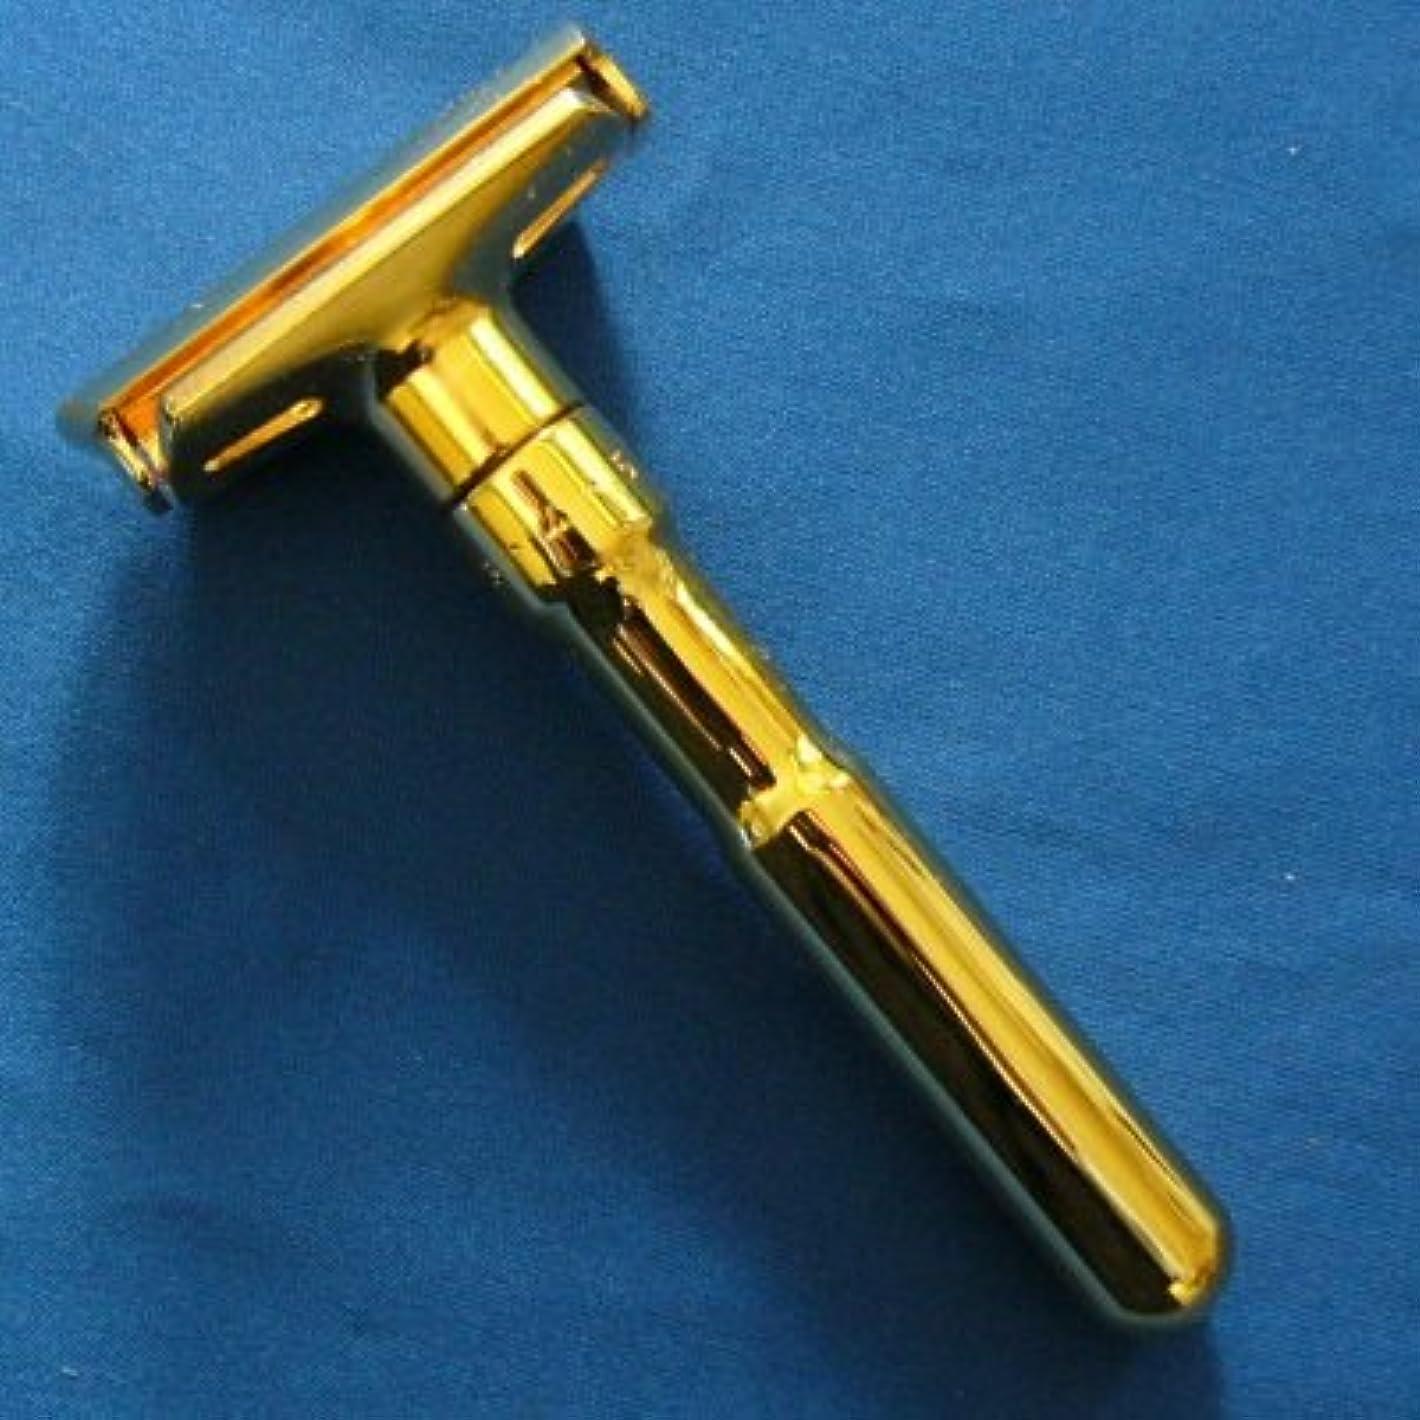 小麦粉バングラデシュセイはさておきメルクール髭剃り(ひげそり) 702G FUTUR(フューチャー) (専用革ケース、替刃11枚付)